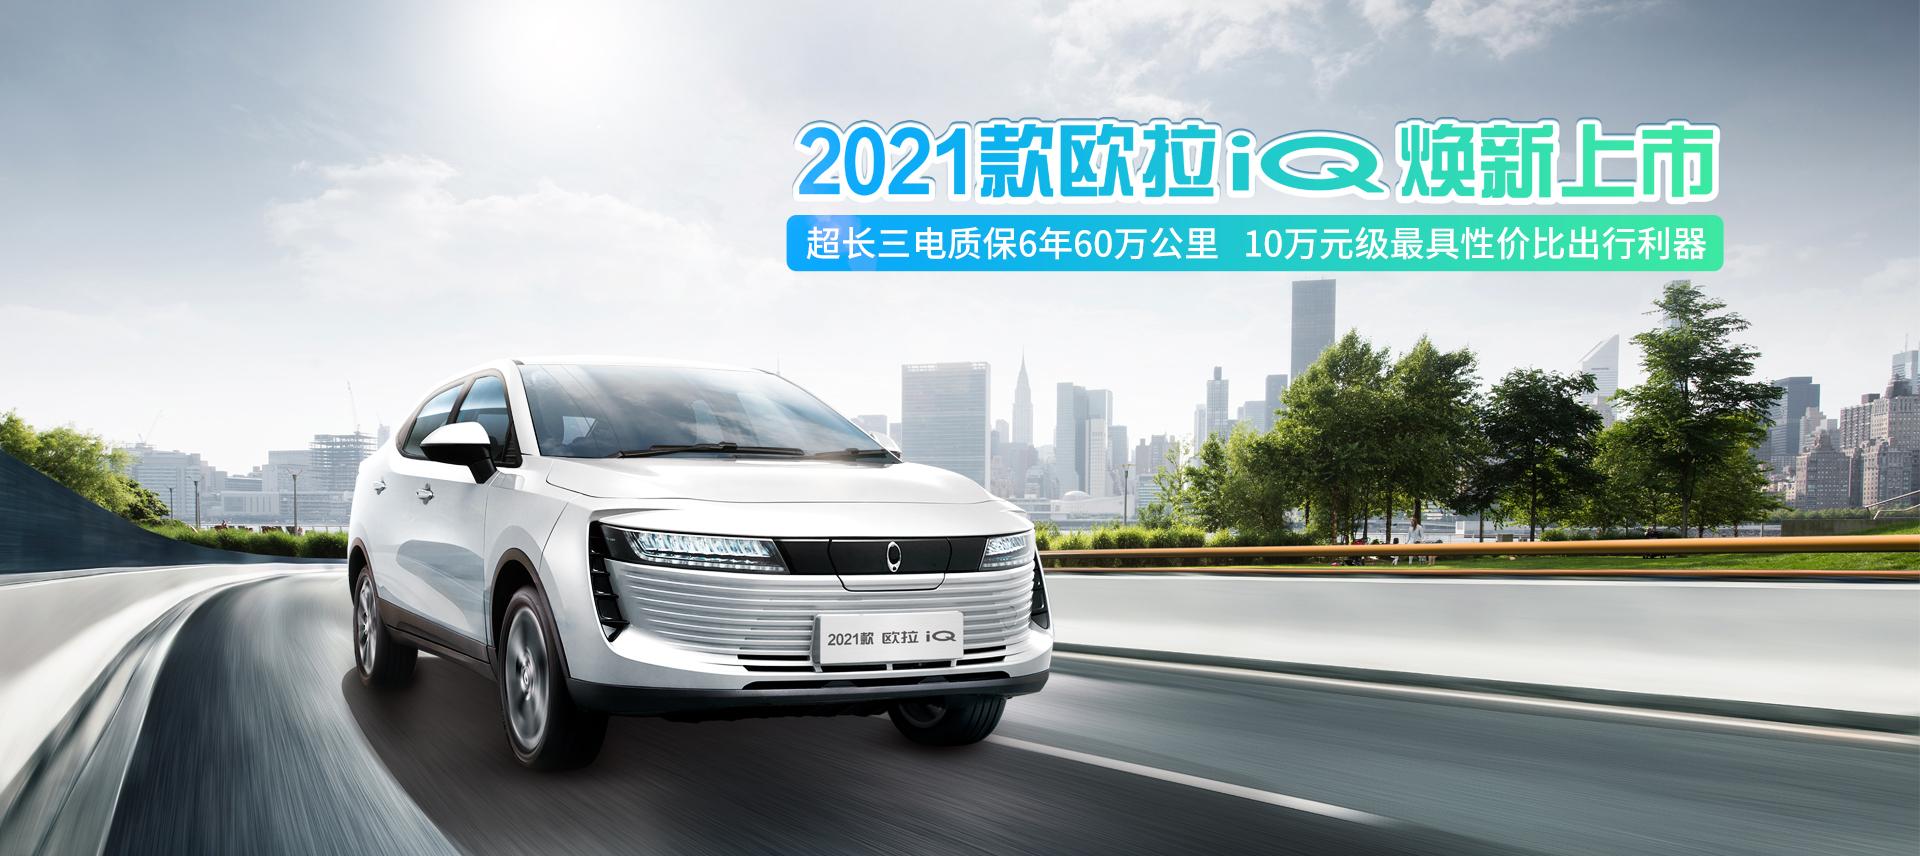 2021款iQ